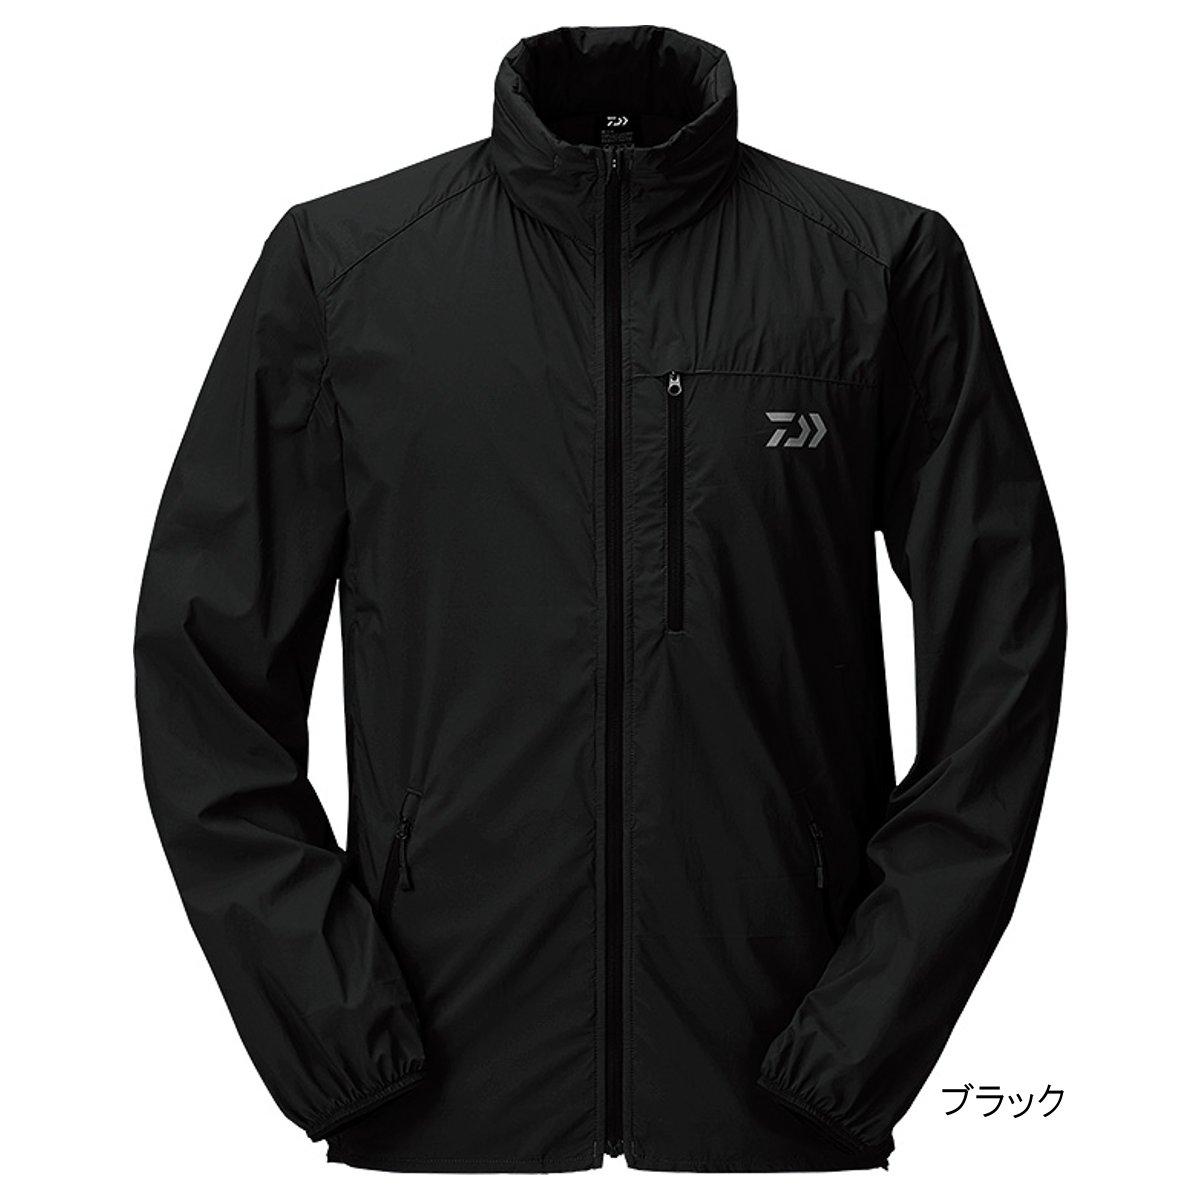 ダイワ ポケッタブルウィンドジャケット DJ-33009 M ブラック【送料無料】